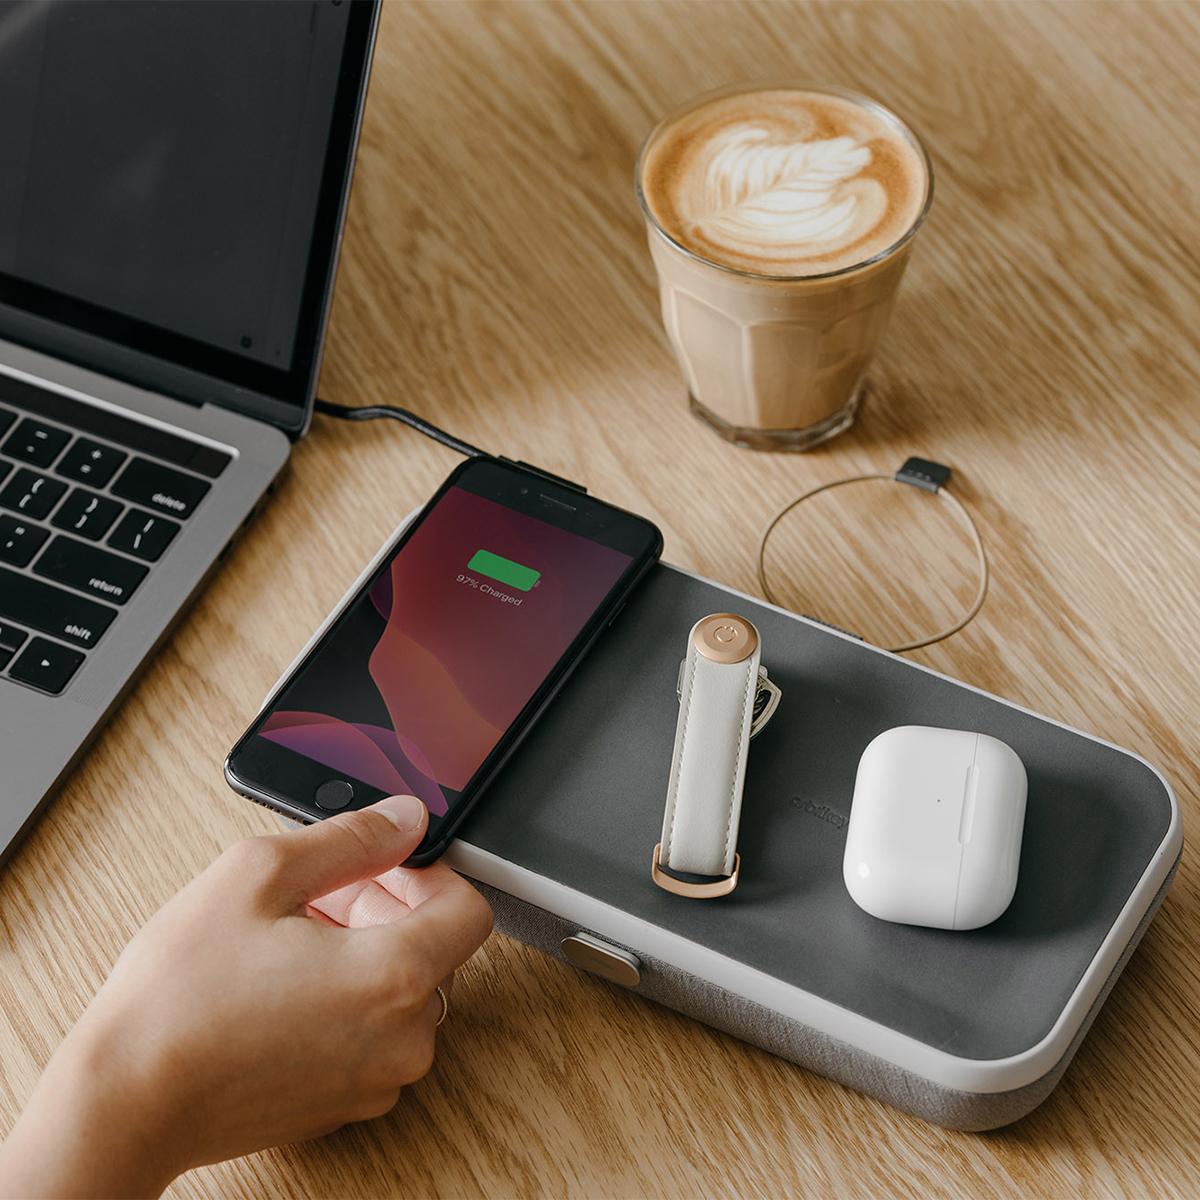 """カフェでも移動中の席でも、一瞬で「マイデスク」   仕事道具を""""好みの配置""""で収納、ワイヤレス充電も"""